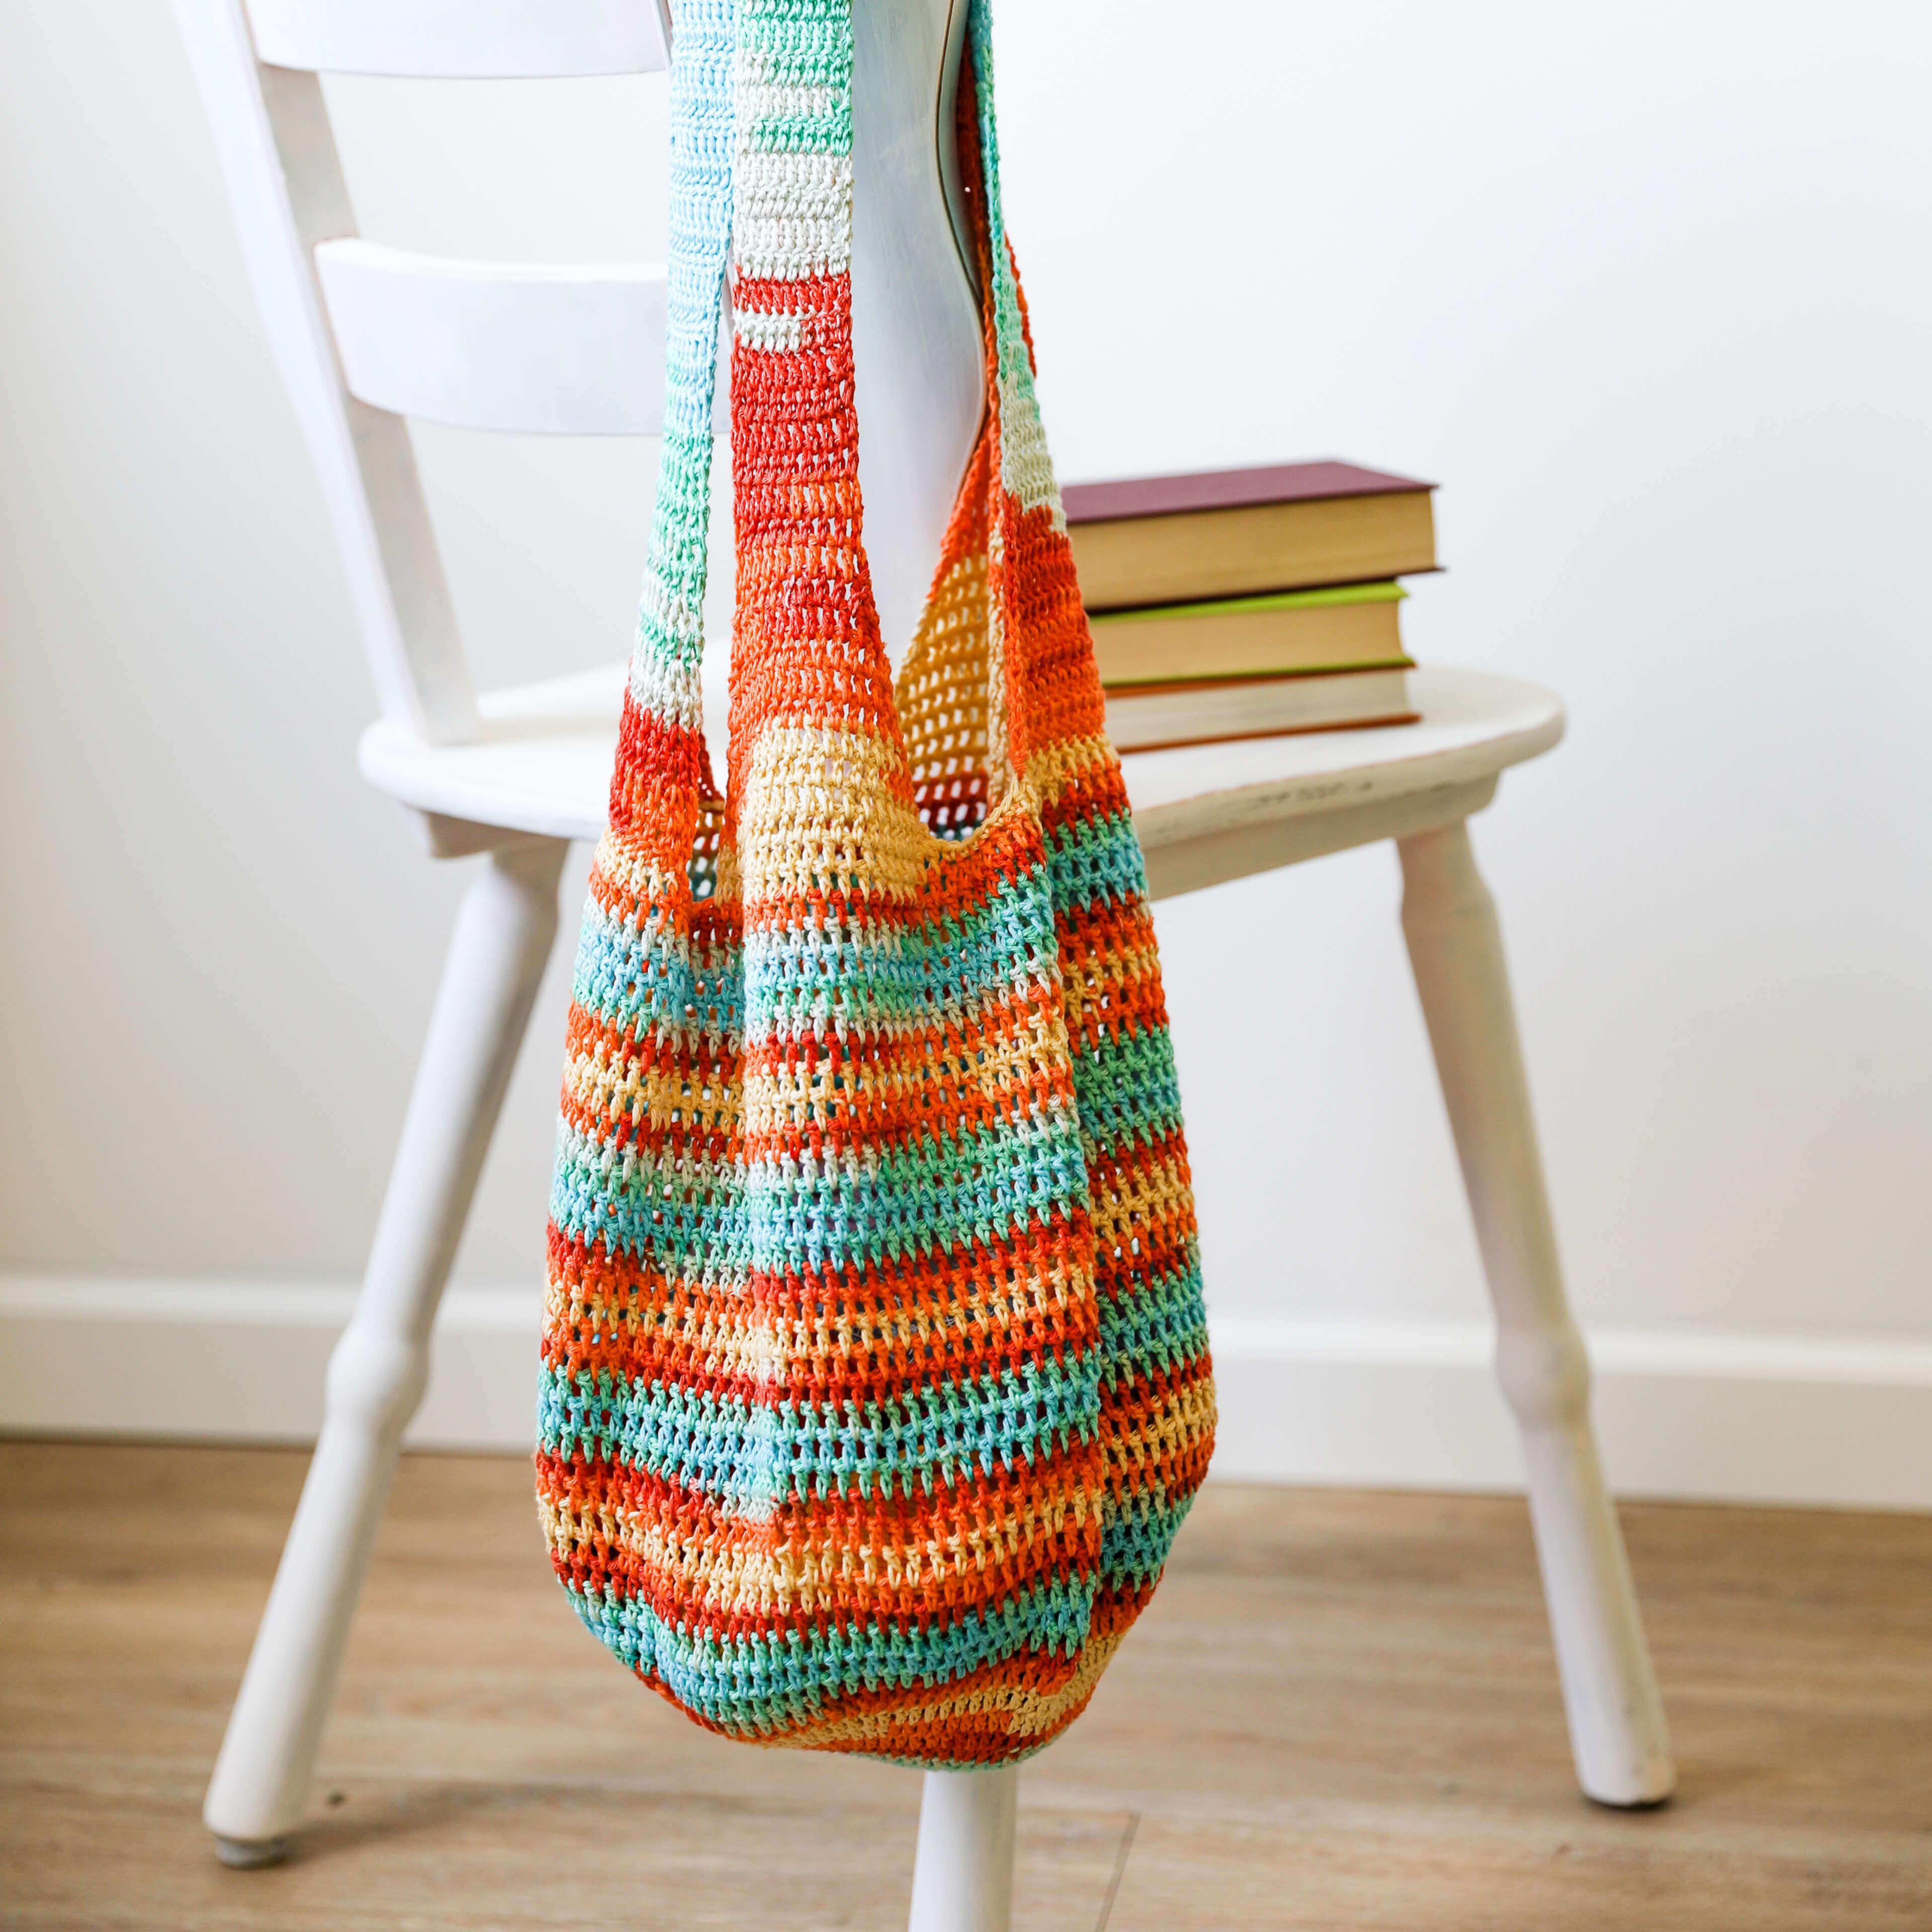 Gehäkelter Einkaufsbeutel mit Streifen und Farbverlaufs aus Gründl Cotton Quick Batik